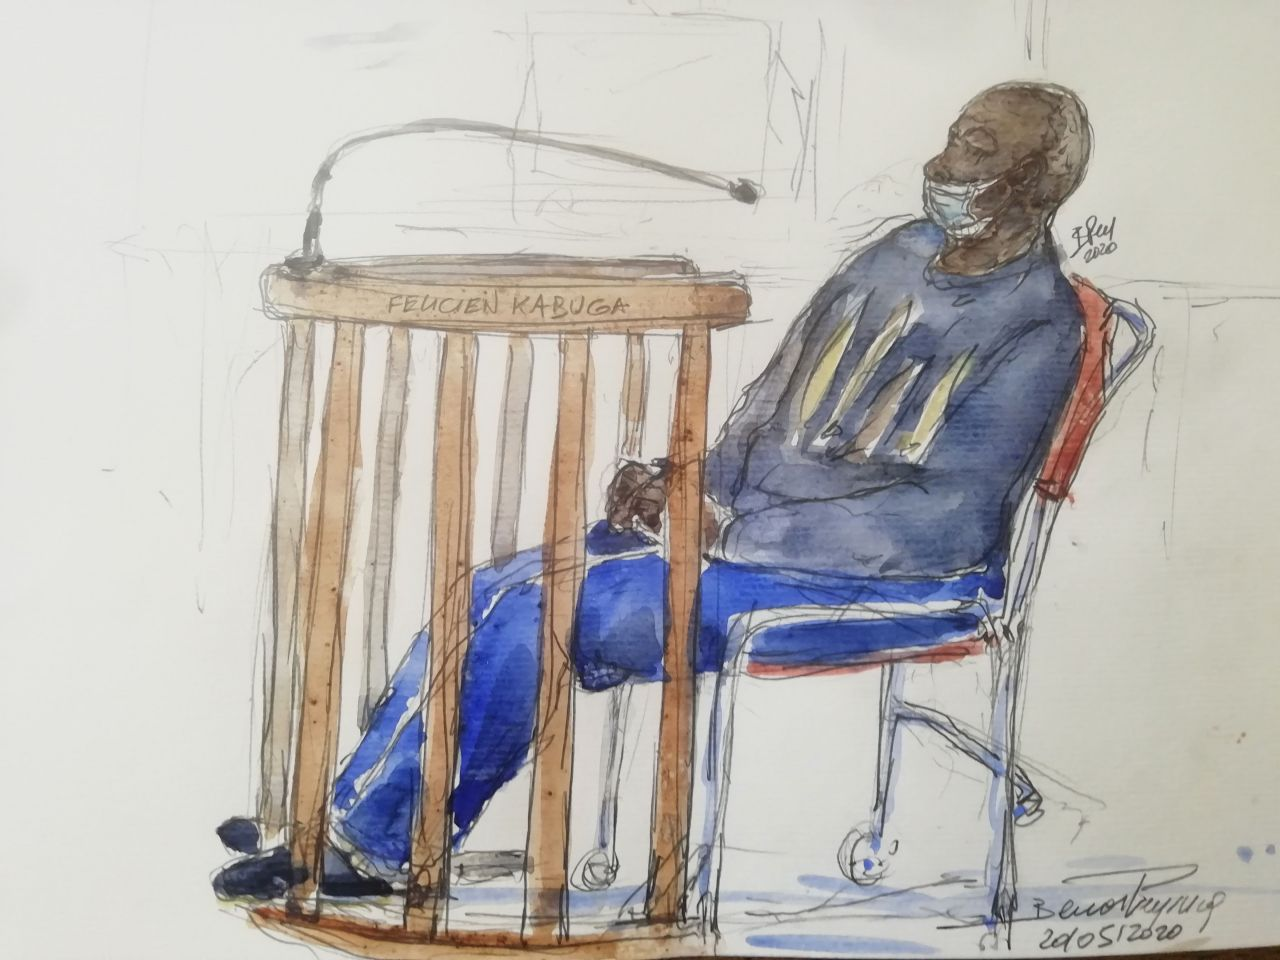 Zeichnung von Félicien Kabuga vor Gericht